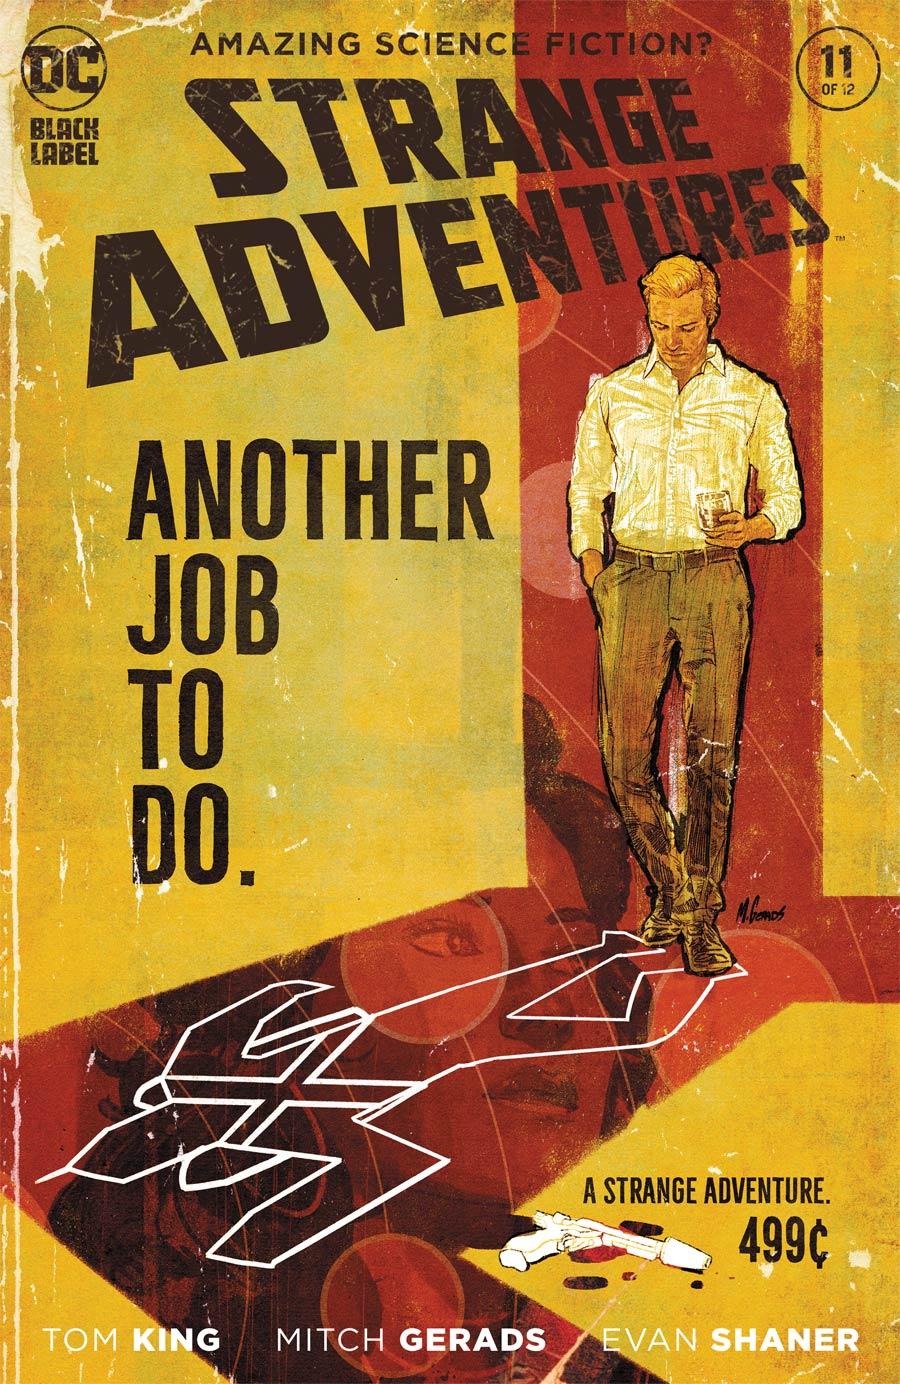 Strange Adventures Vol 4 #11 Cover A Regular Mitch Gerads Cover